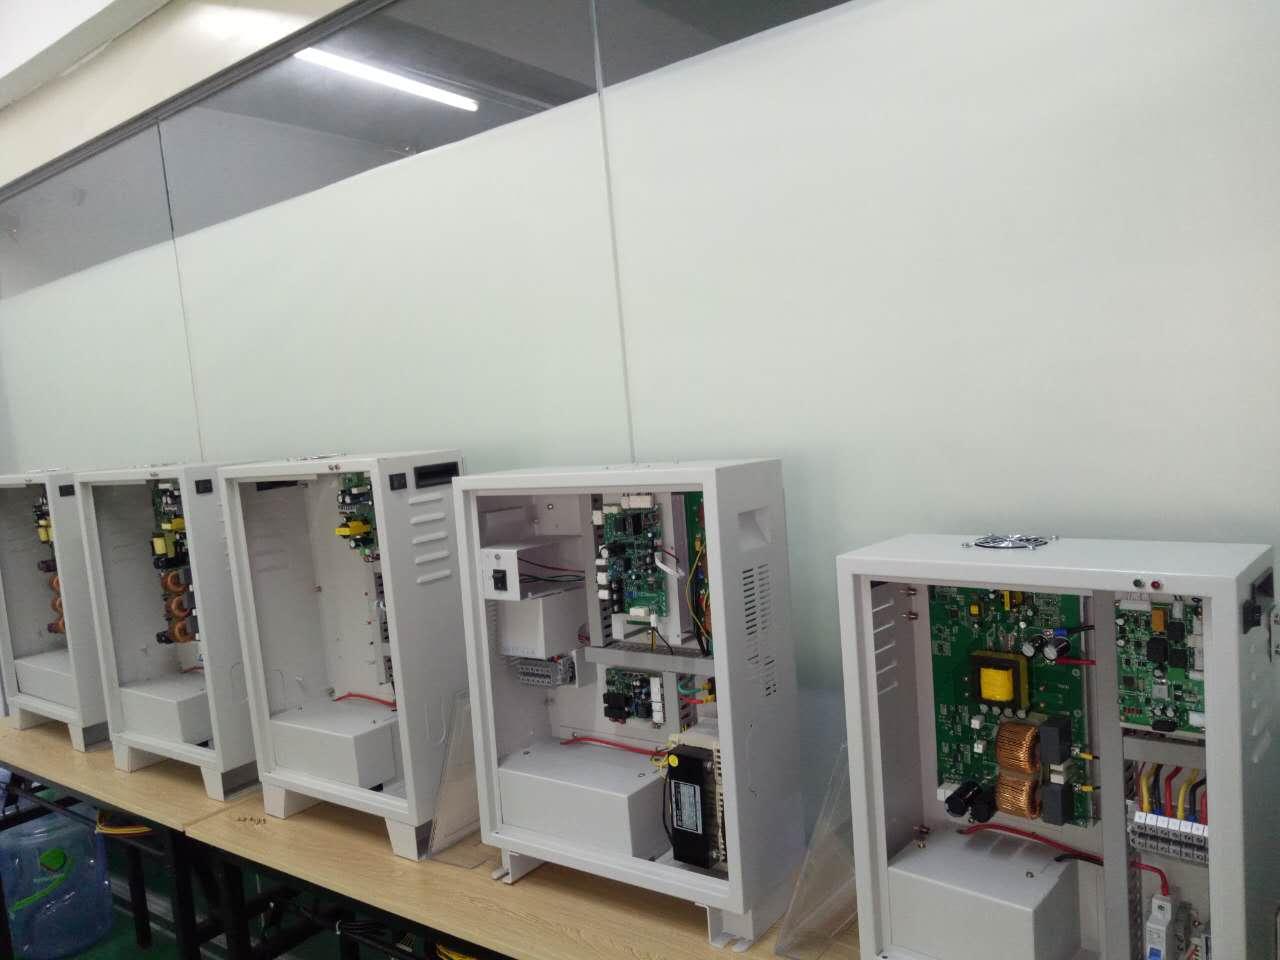 电梯轿厢装饰公司_想买质量好的电梯语音报站器就来宏佳合机电设备